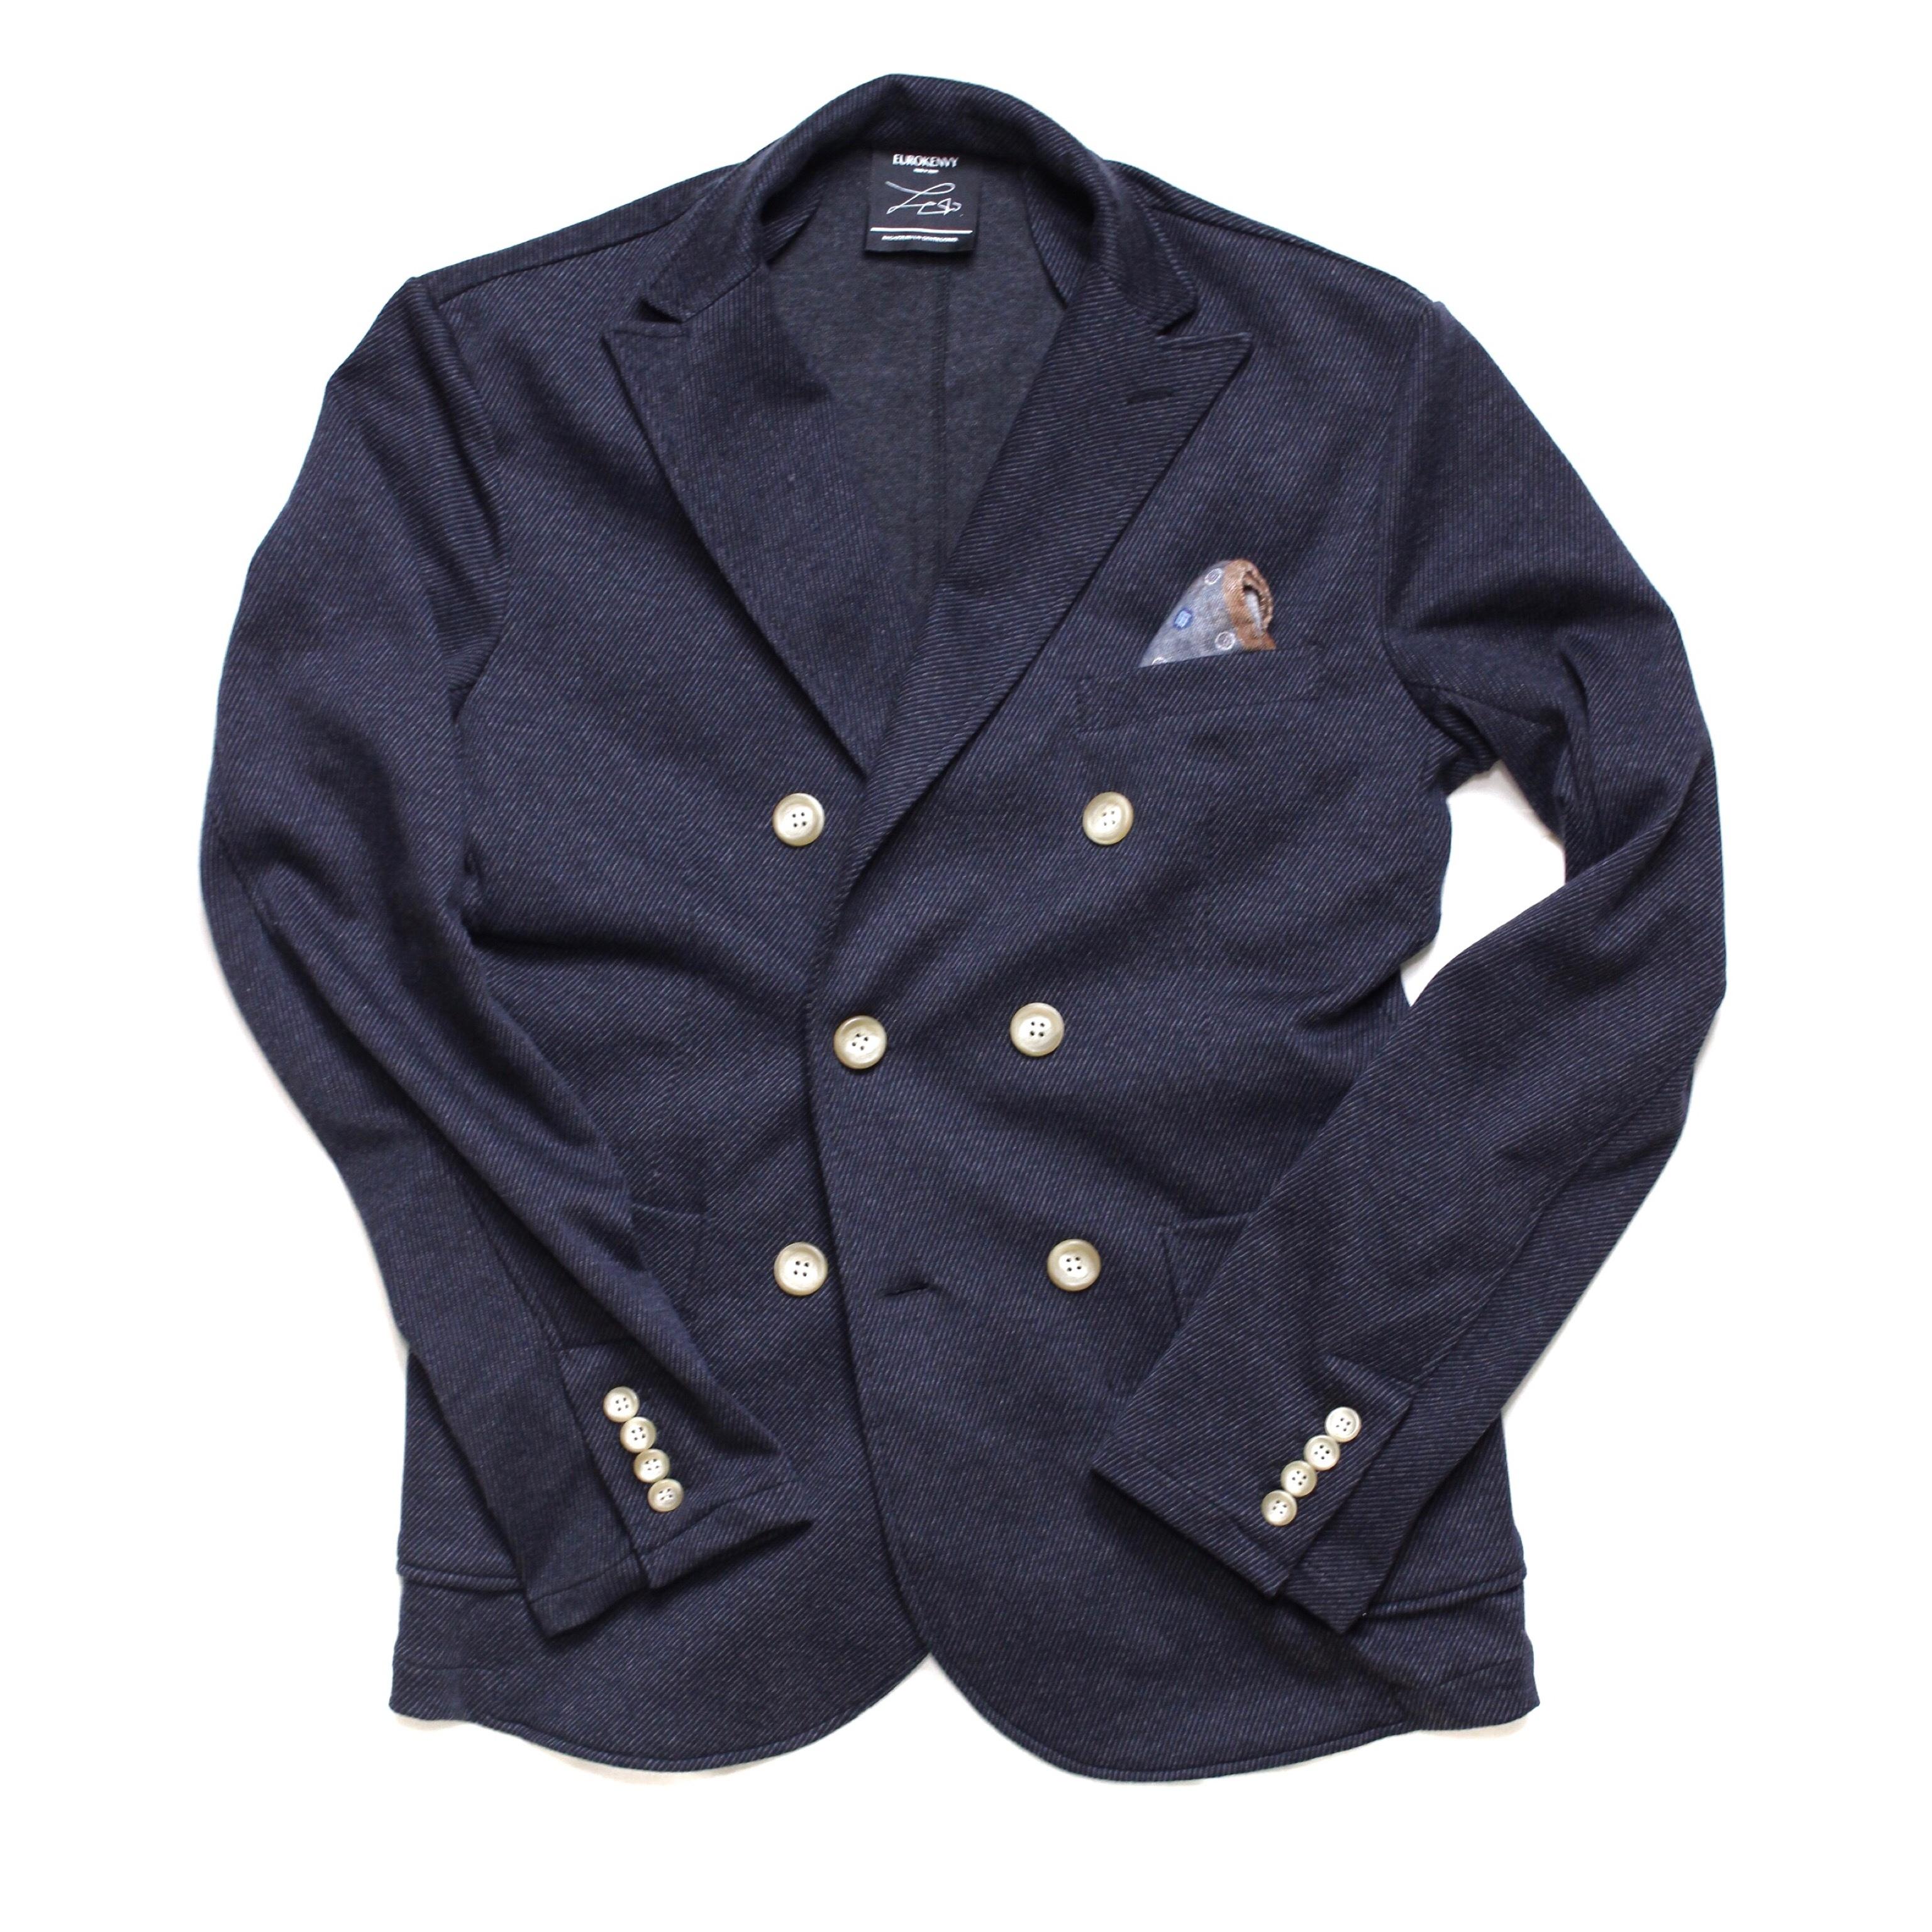 soft jersey double jacket NAVY (ソフトジャージーダブルジャケット)